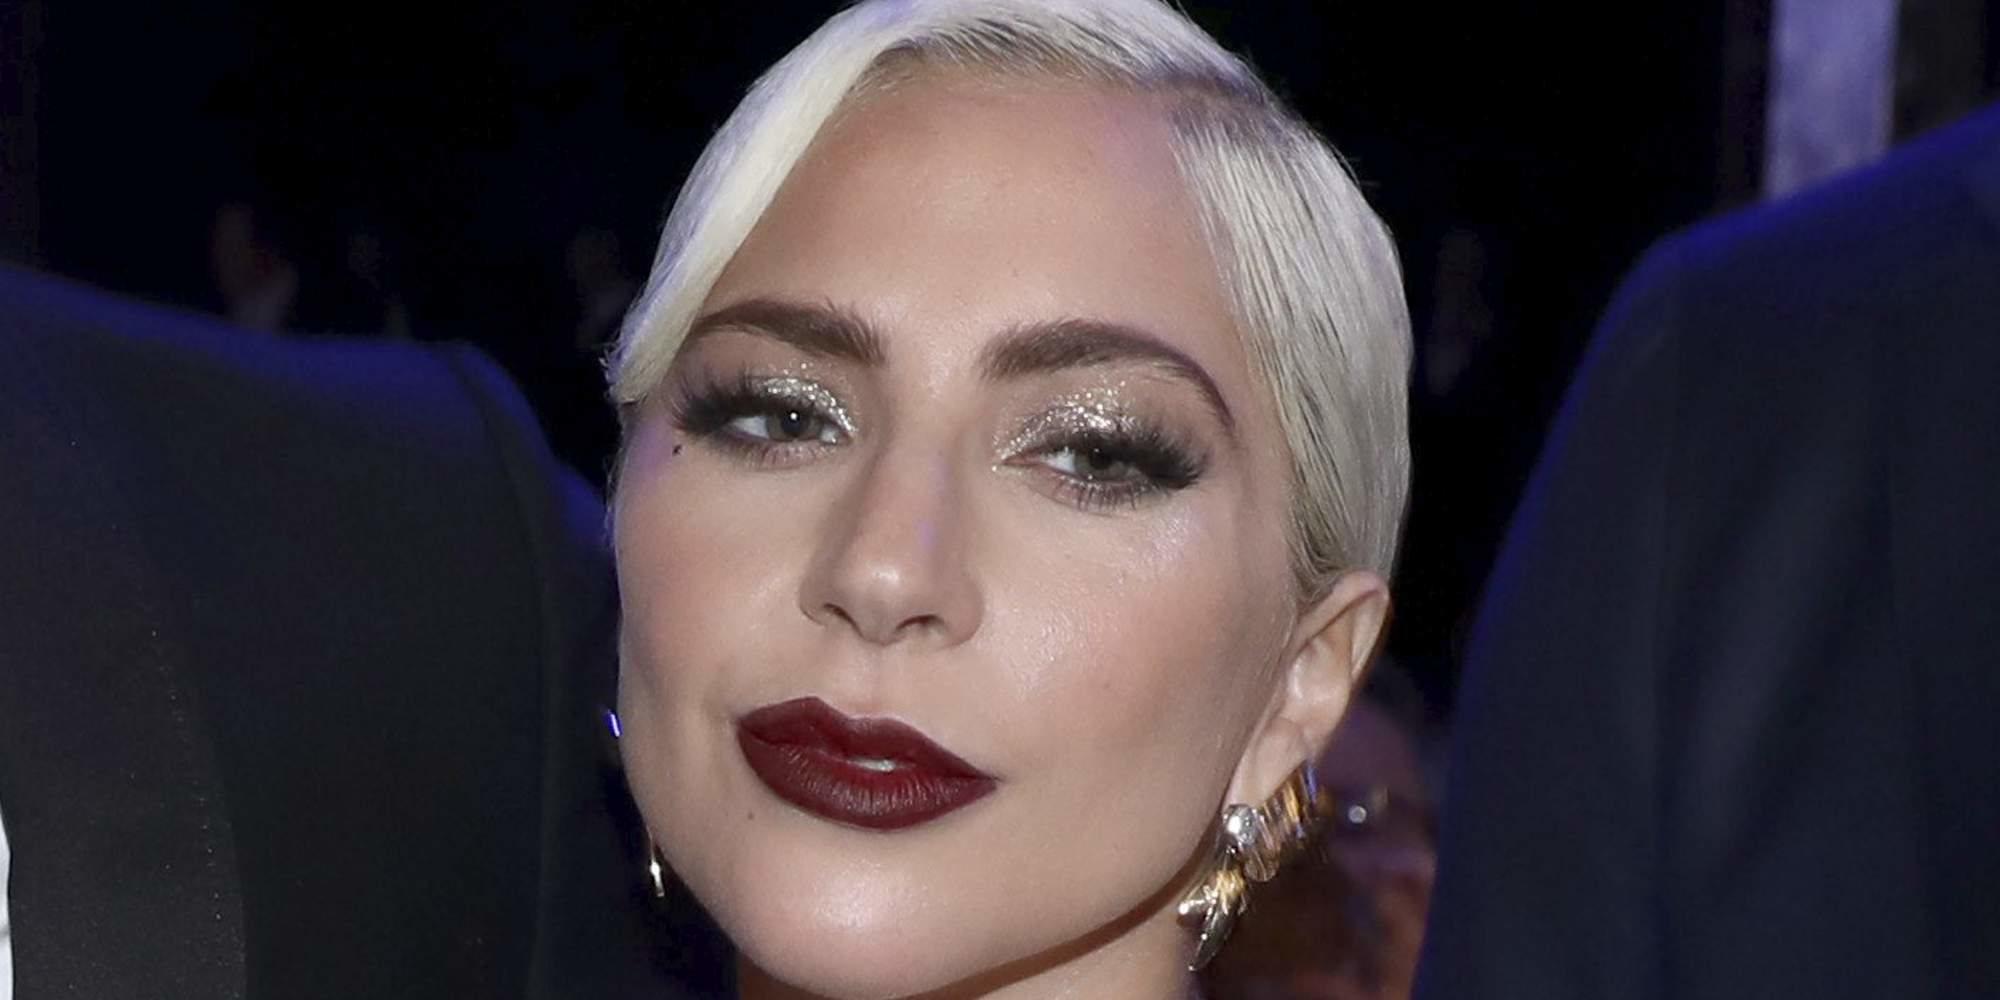 Lady Gaga pospone el lanzamiento de su disco debido al coronavirus